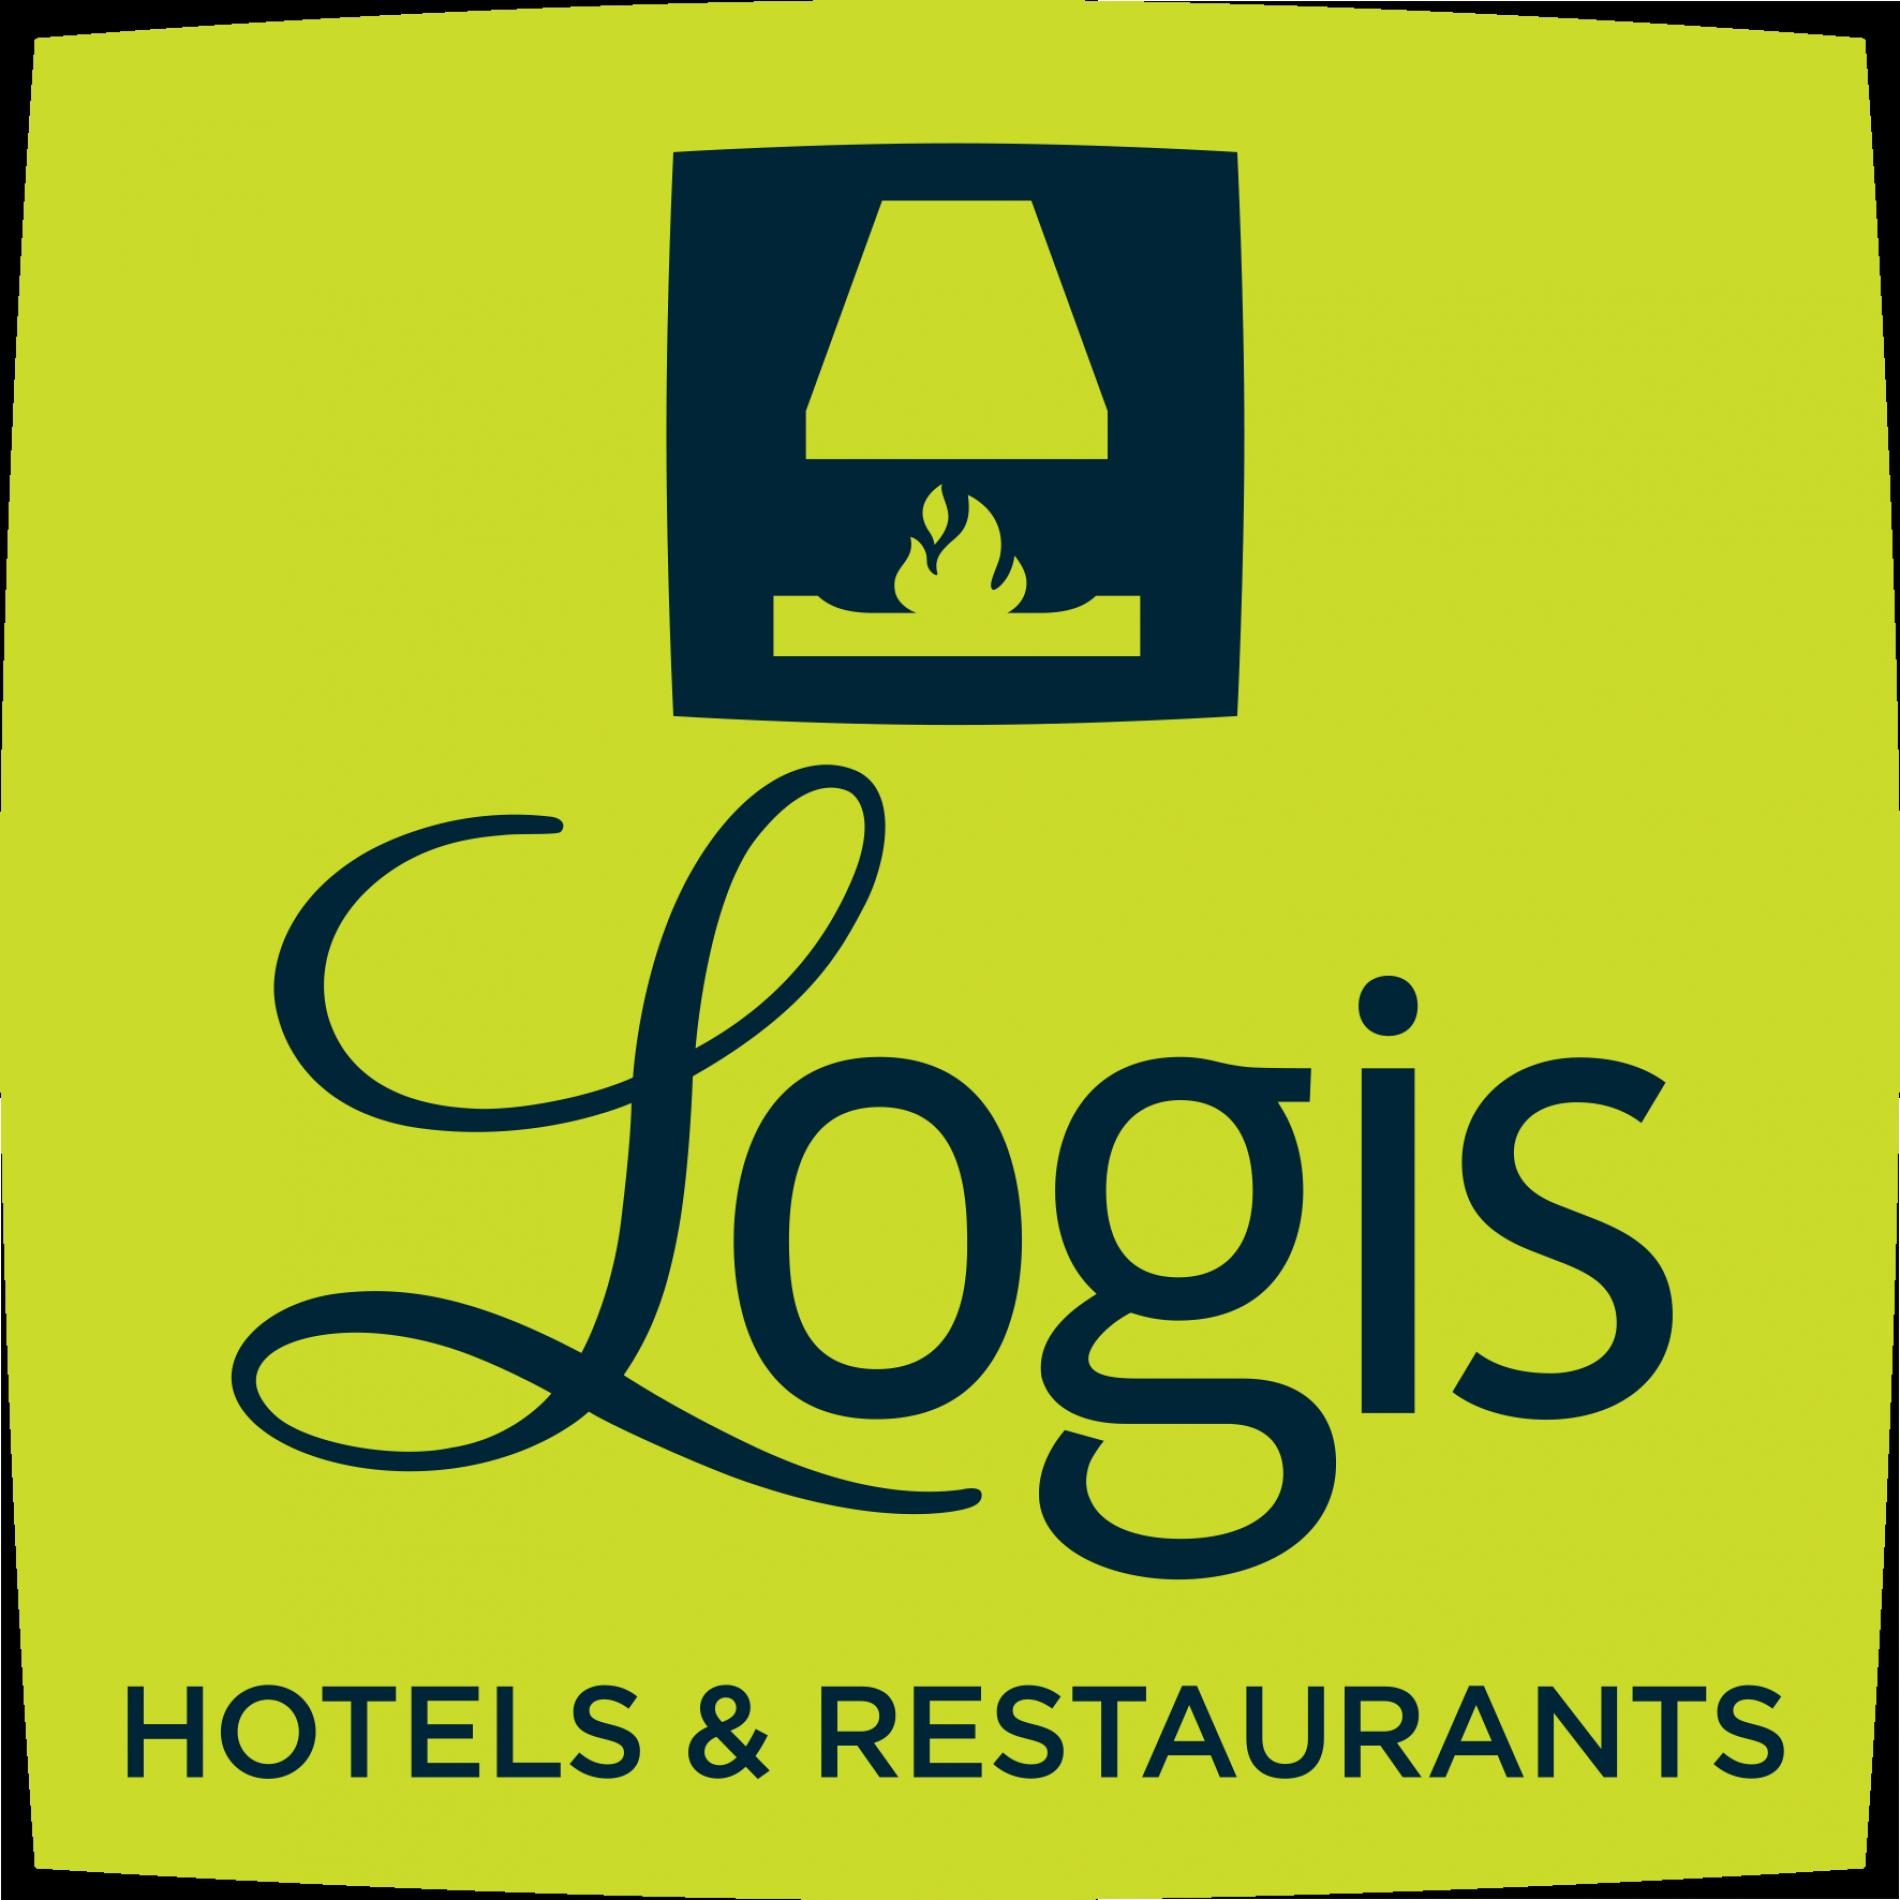 Logis Hotel à Beaune 2 cocottes et 2 cheminée